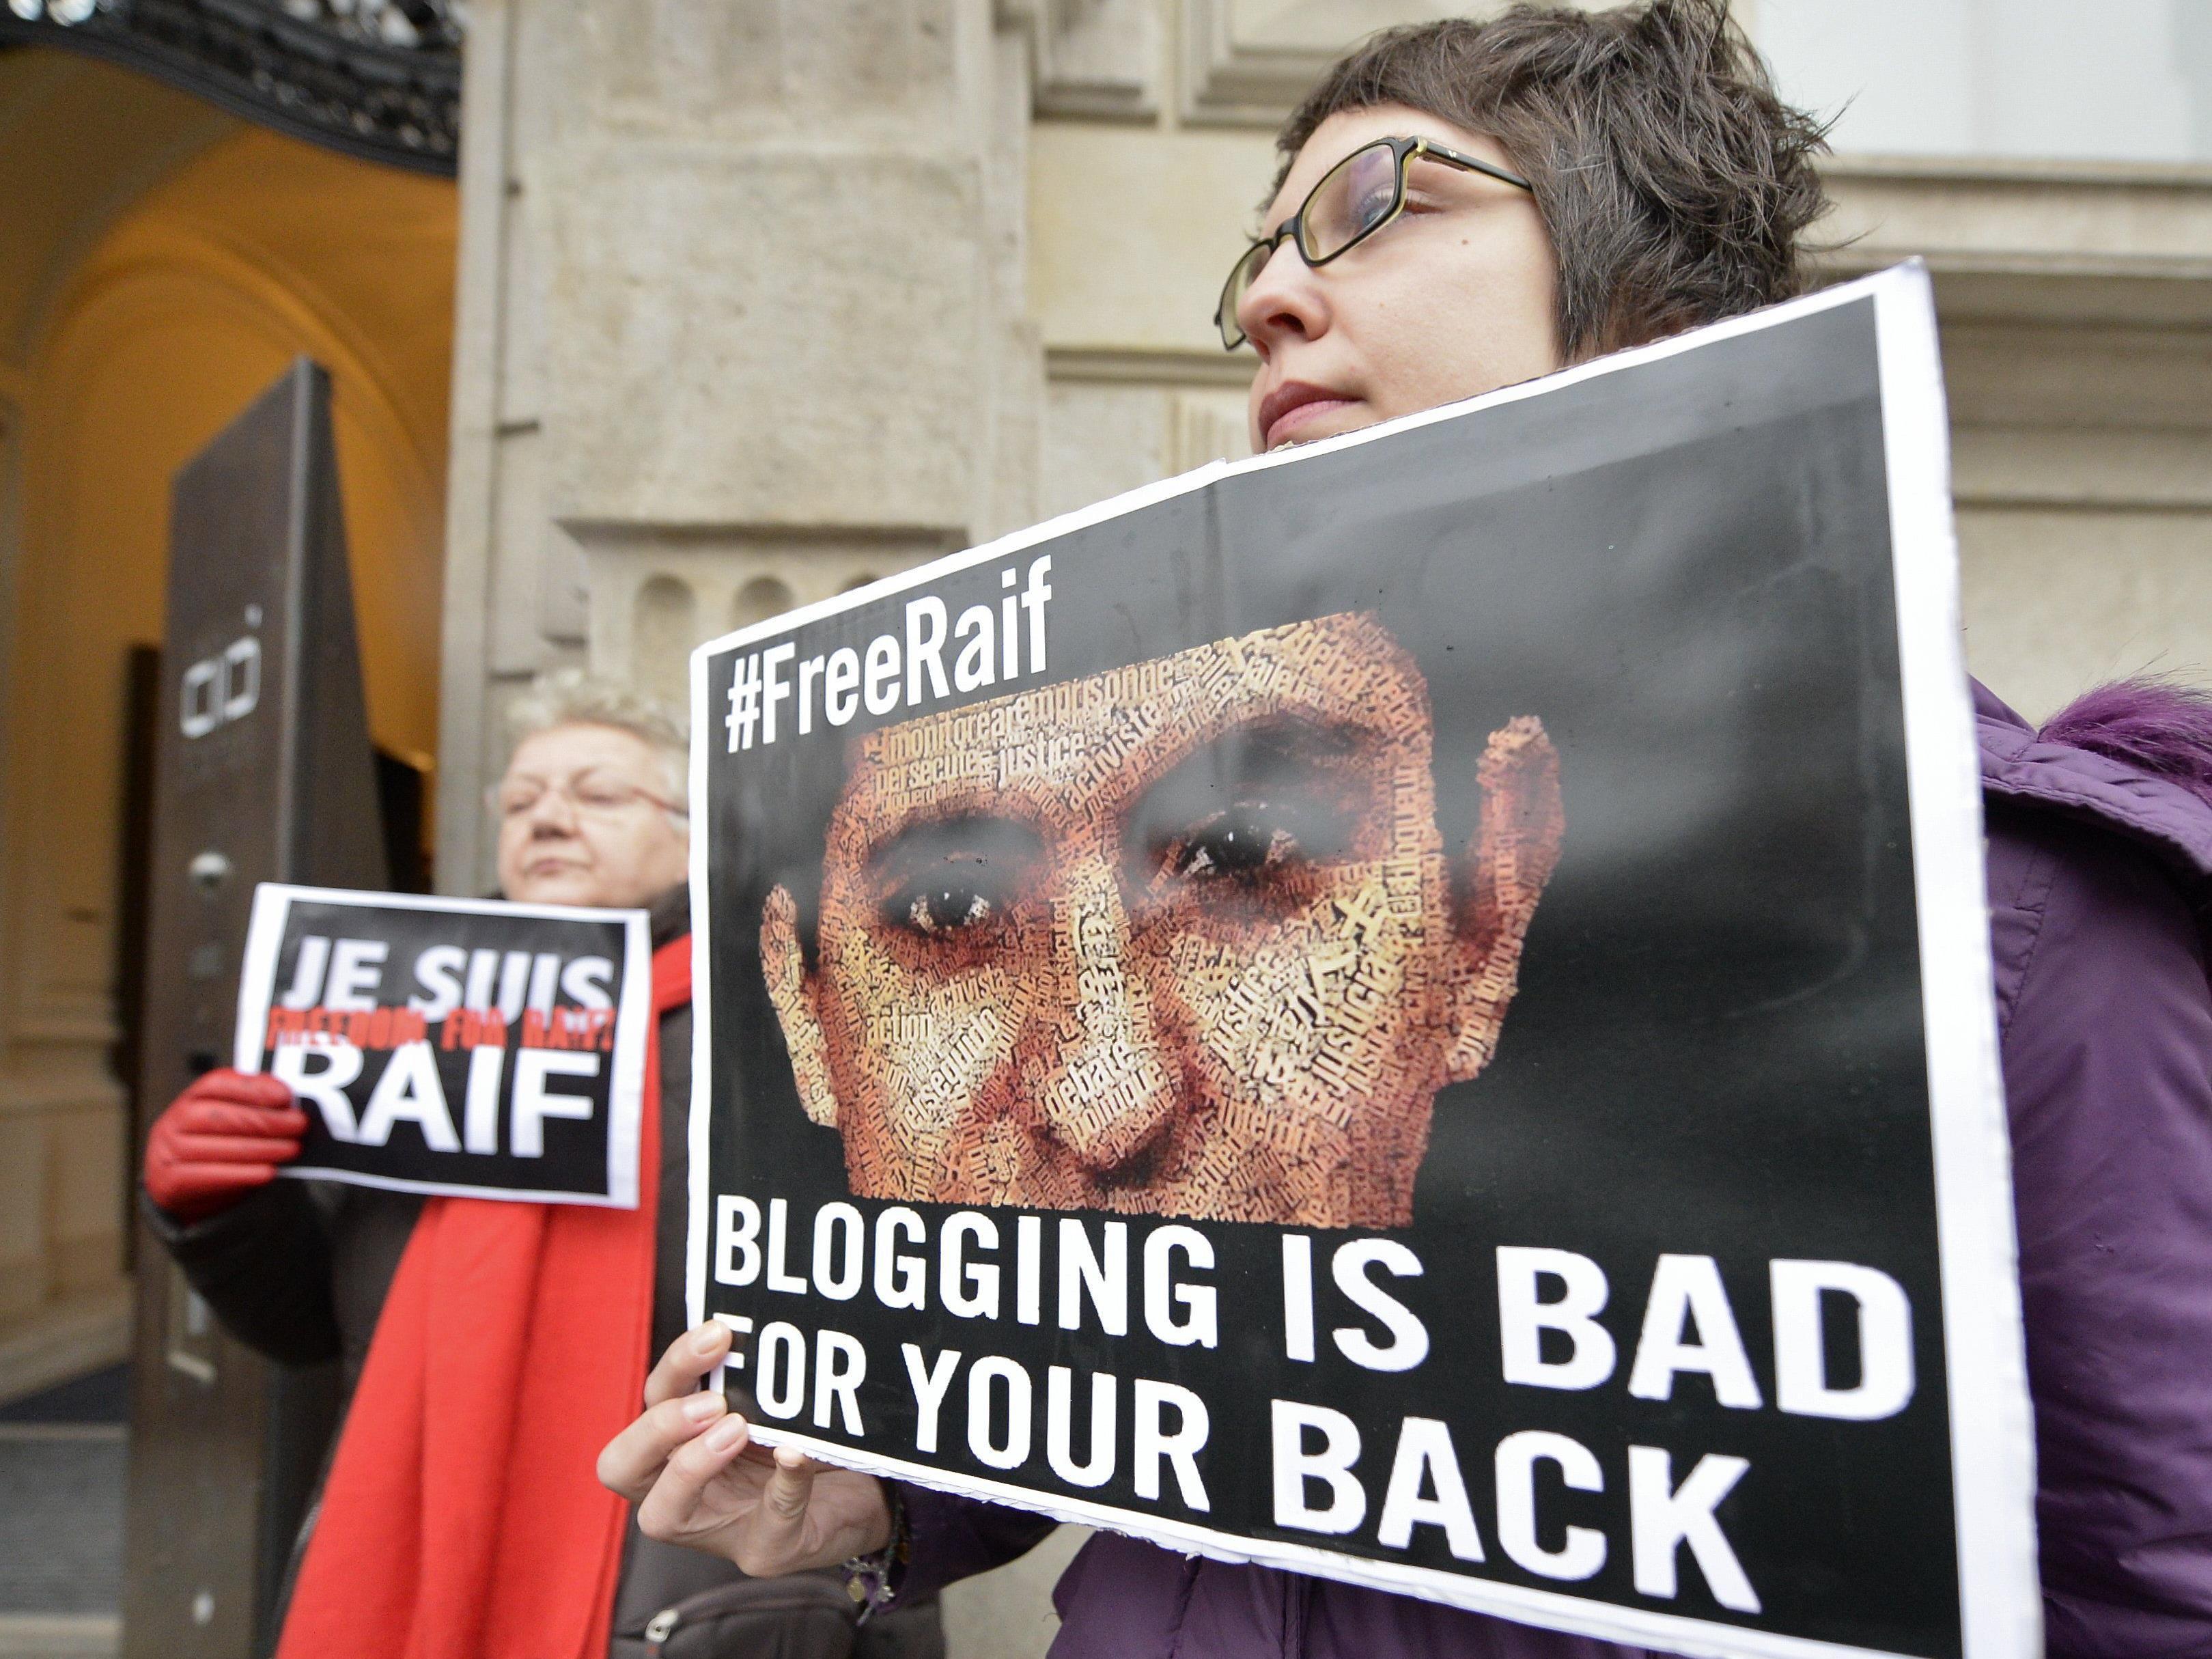 Auch in Wien wurde erneut eine Mahnwache für Raif Badawi abgehalten.